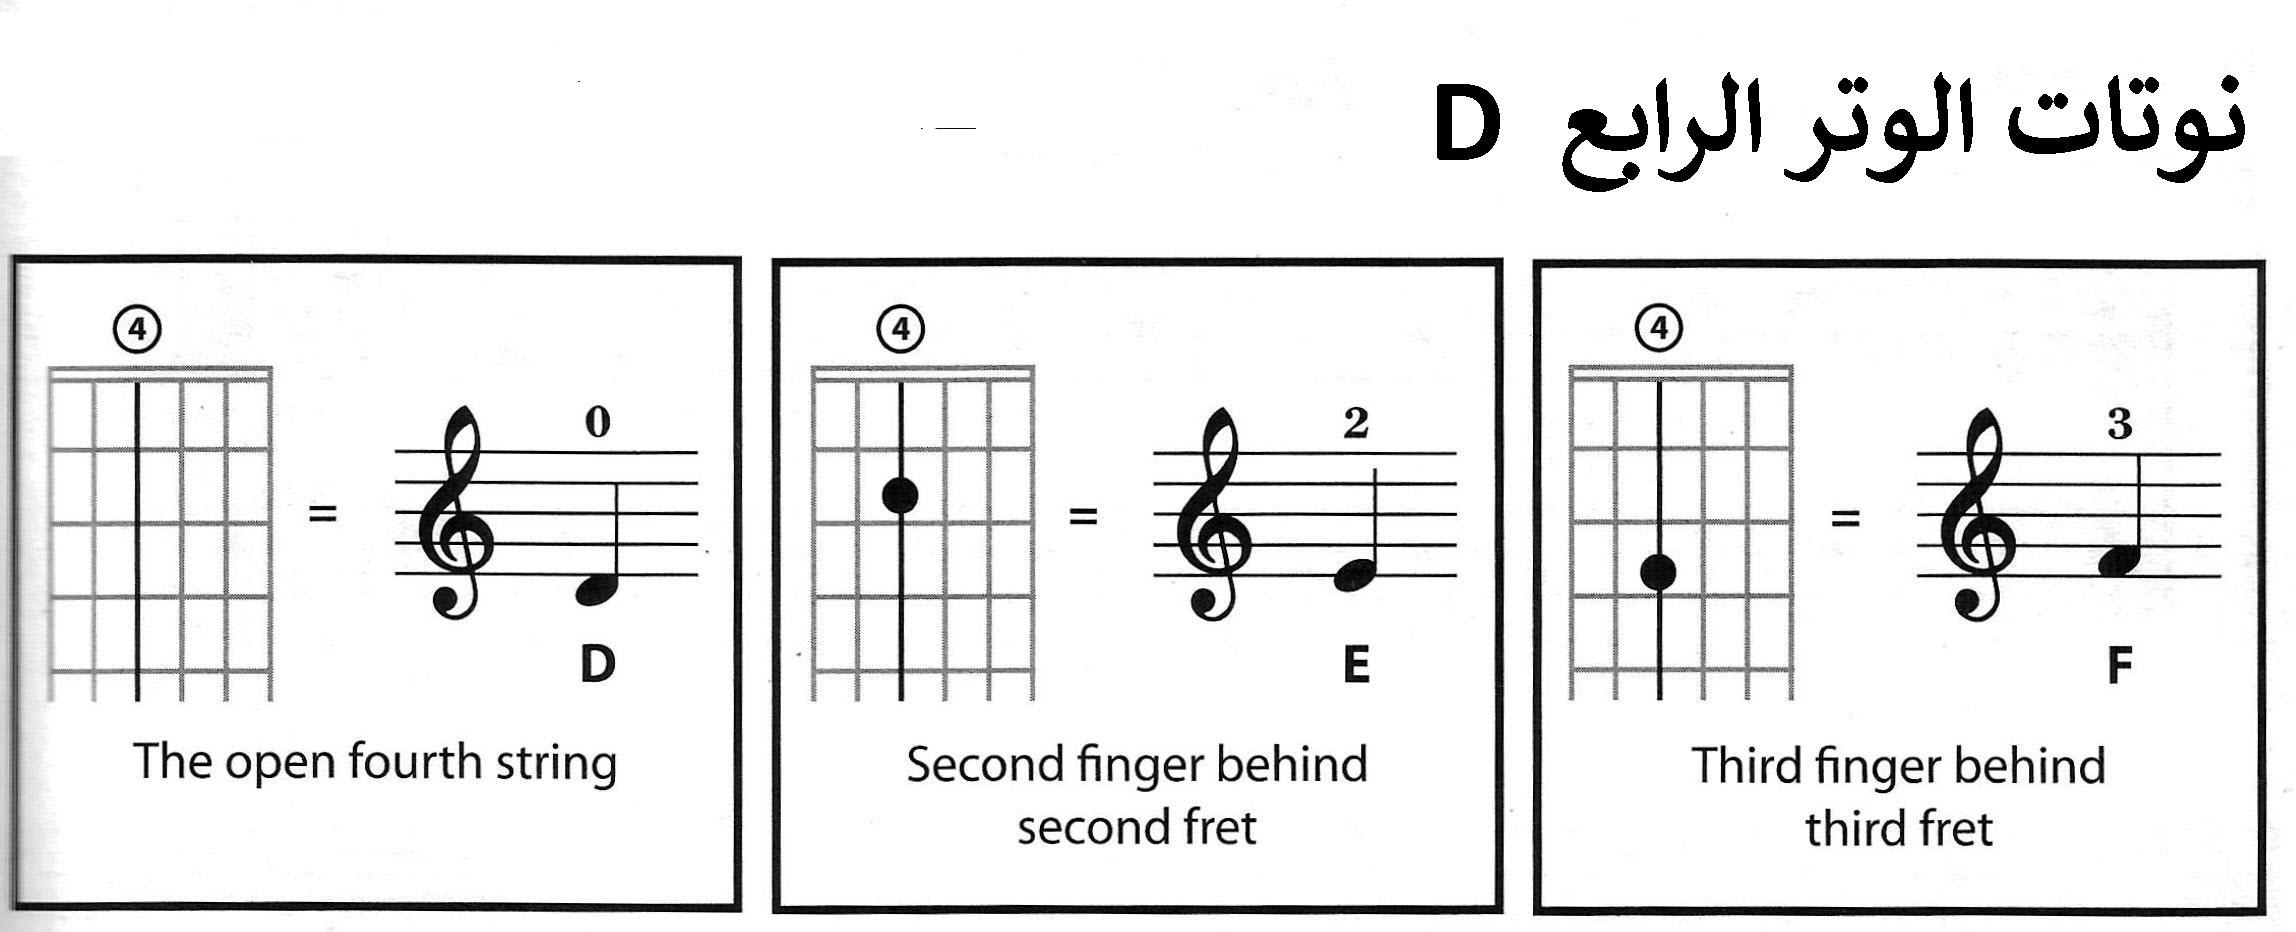 4th String